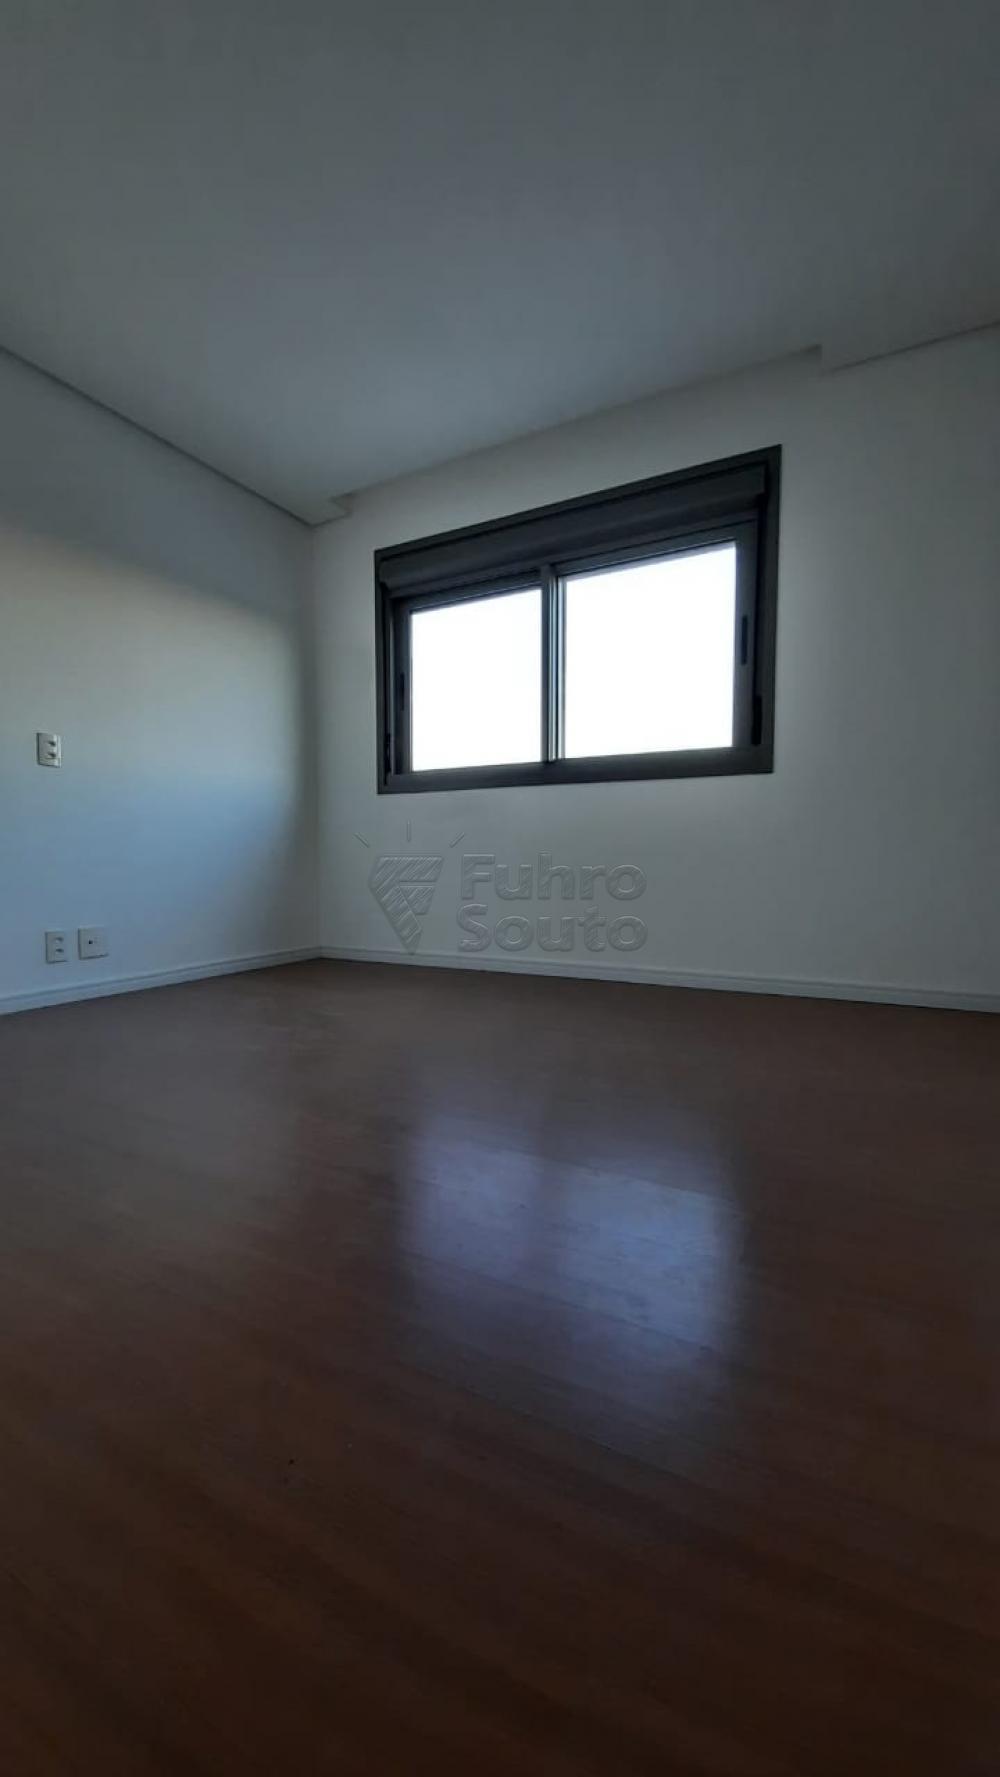 Comprar Apartamento / Padrão em Pelotas R$ 360.000,00 - Foto 5